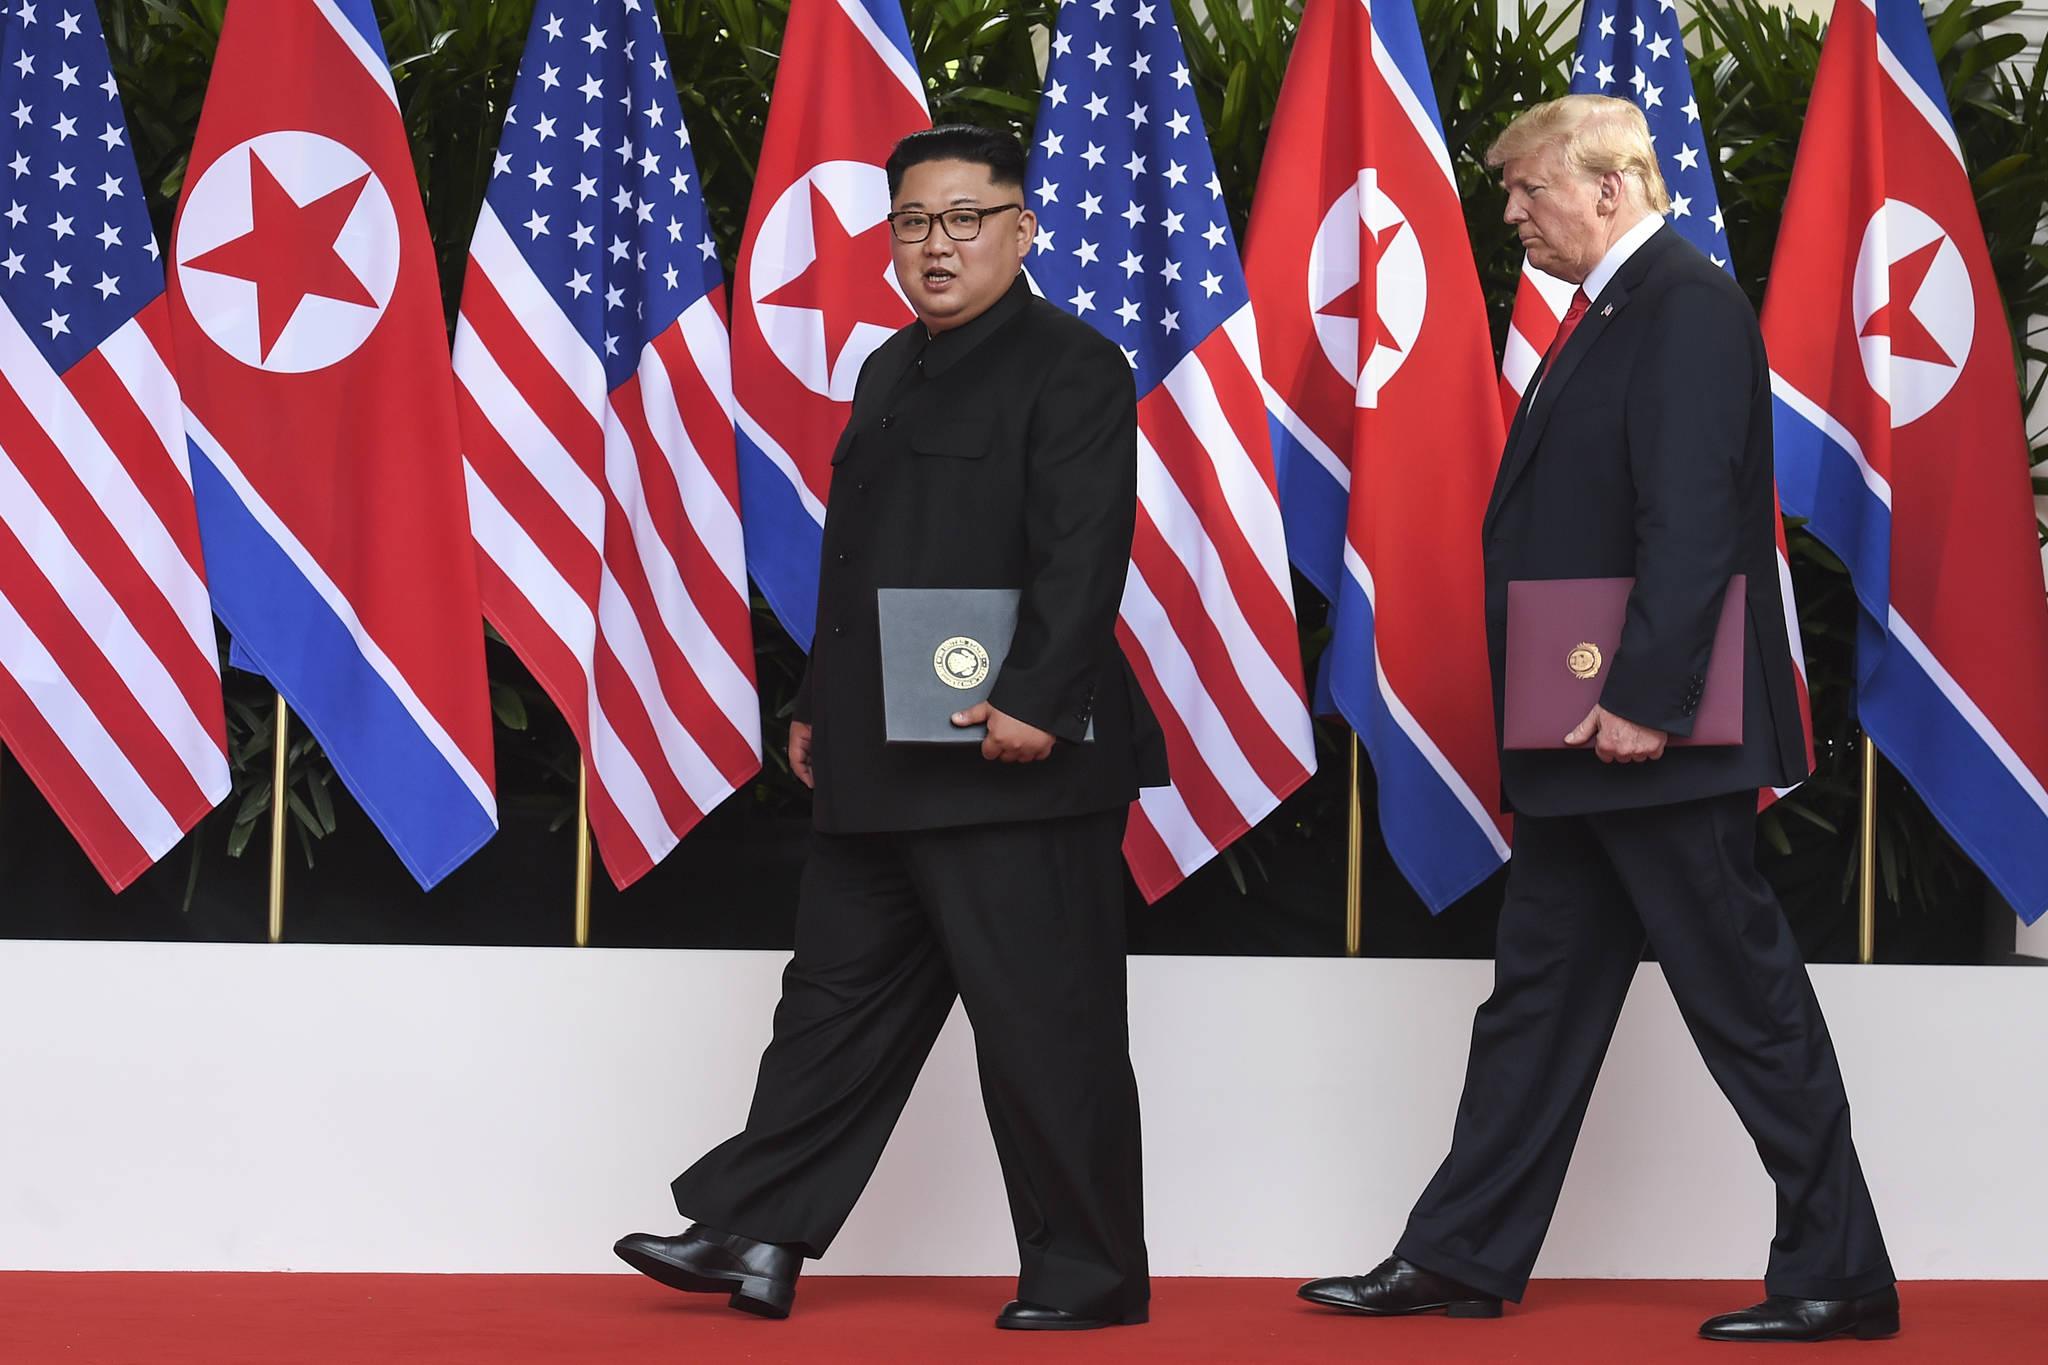 김정은 북한 국무위원장과 도널드 트럼프 미국 대통령이 합의문을 들고 화랑을 빠져나가고 있다. 나란히 걷는 양 정상의 키가 엇비슷하다. [AP=연합뉴스]